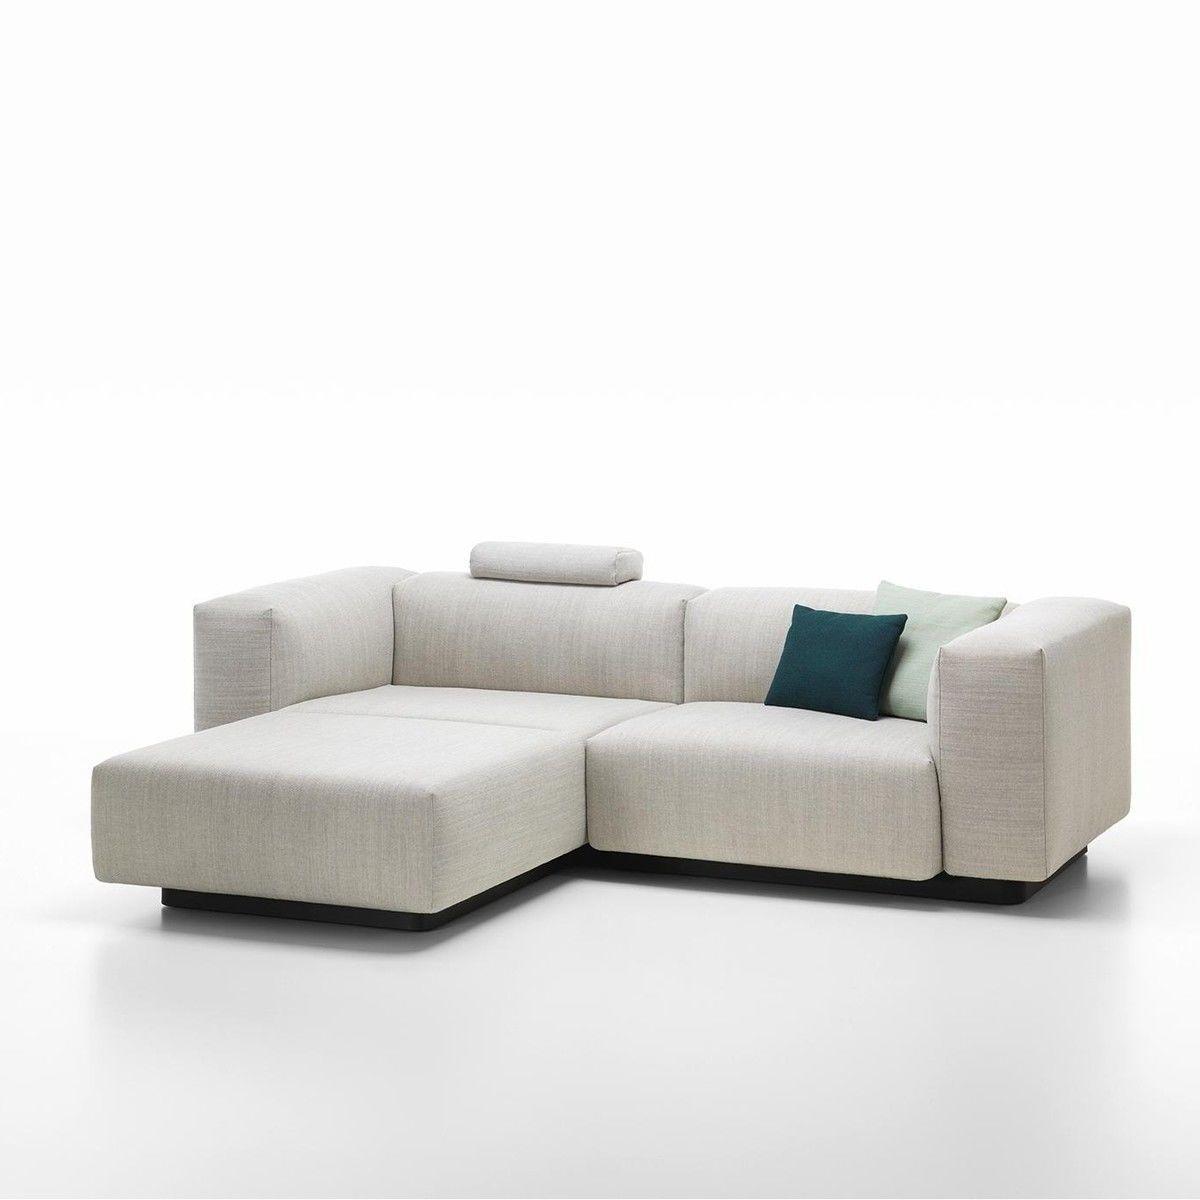 vitra sofa modular toy hauler folding bed soft 2 seater ambientedirect